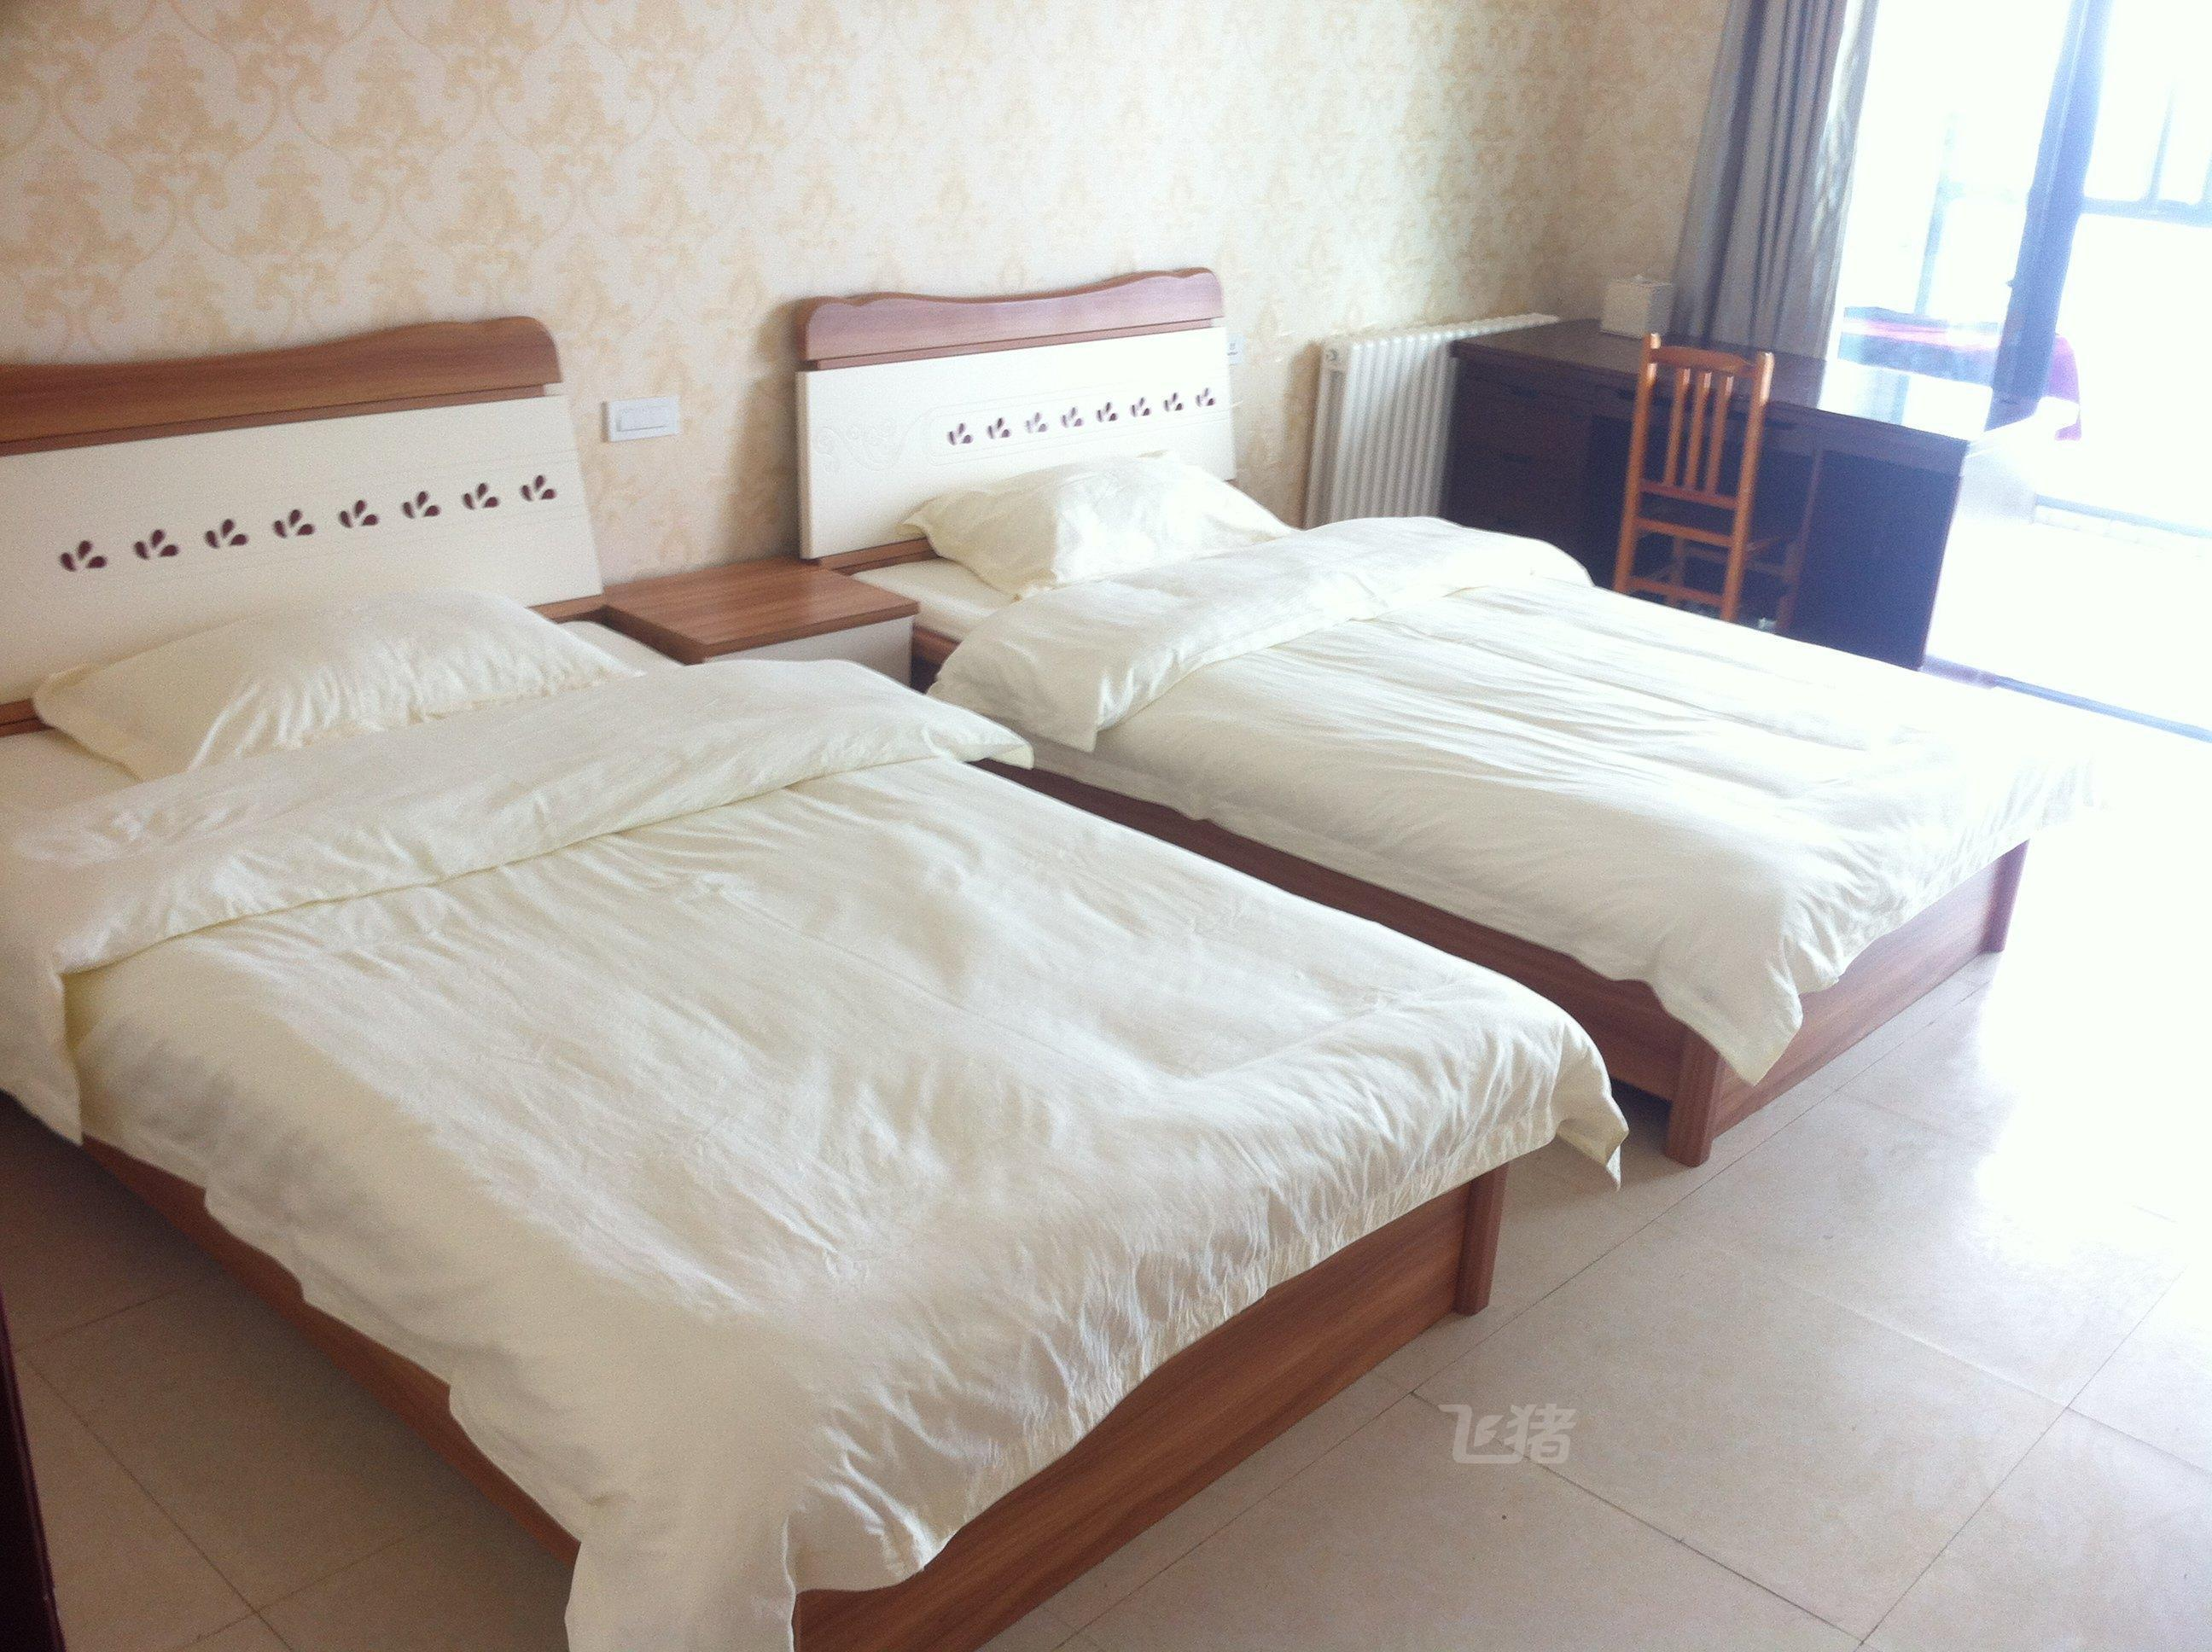 贵阳友联家庭旅馆标准单间